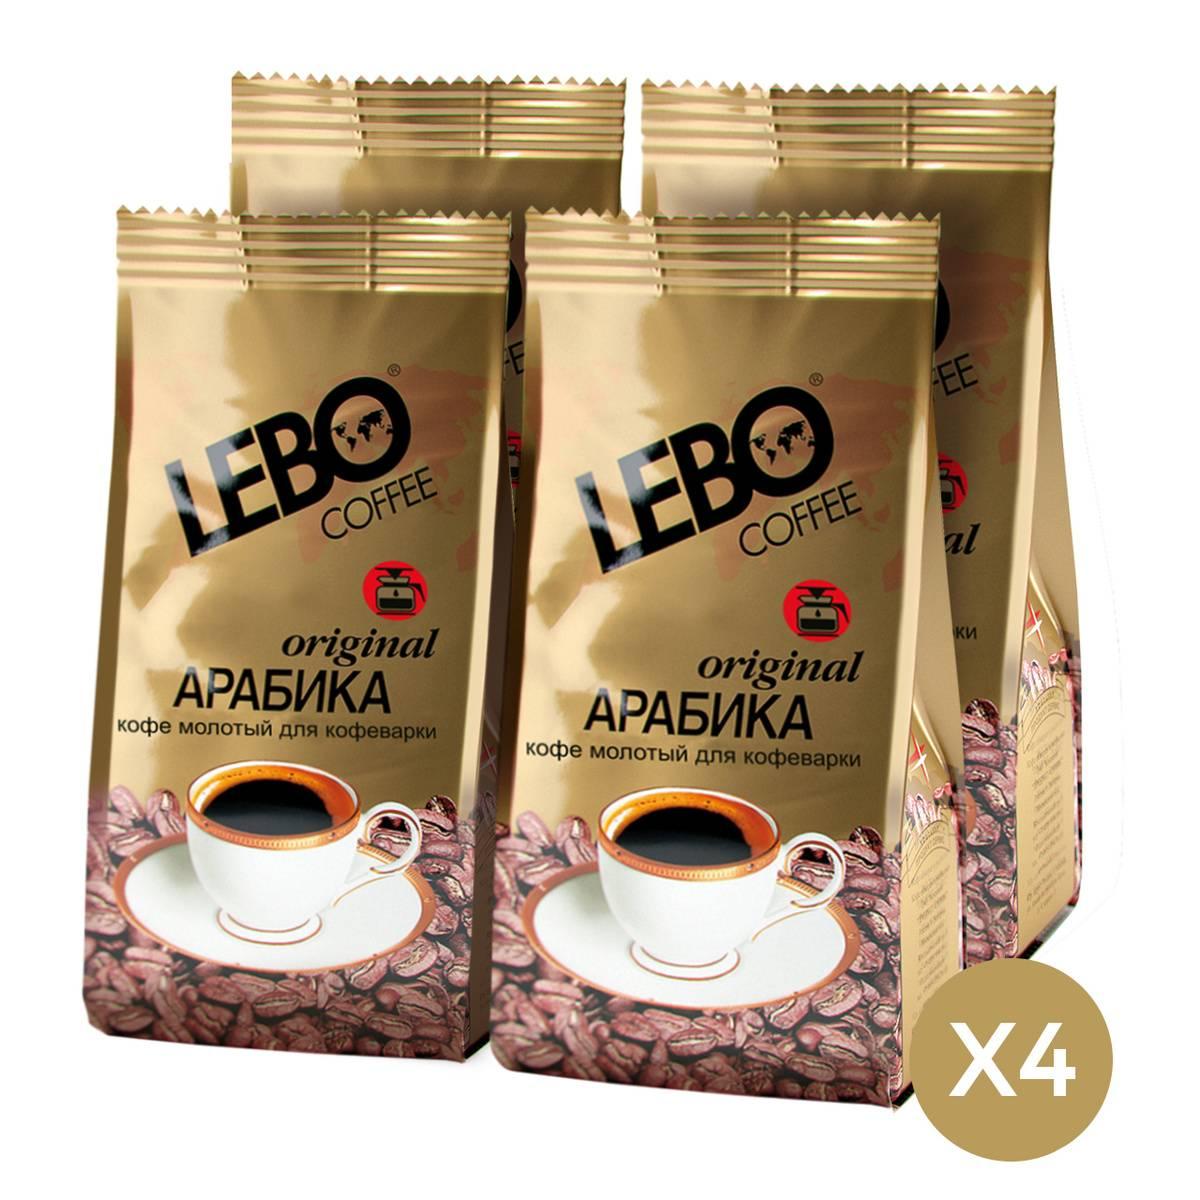 Lebo (лебо)